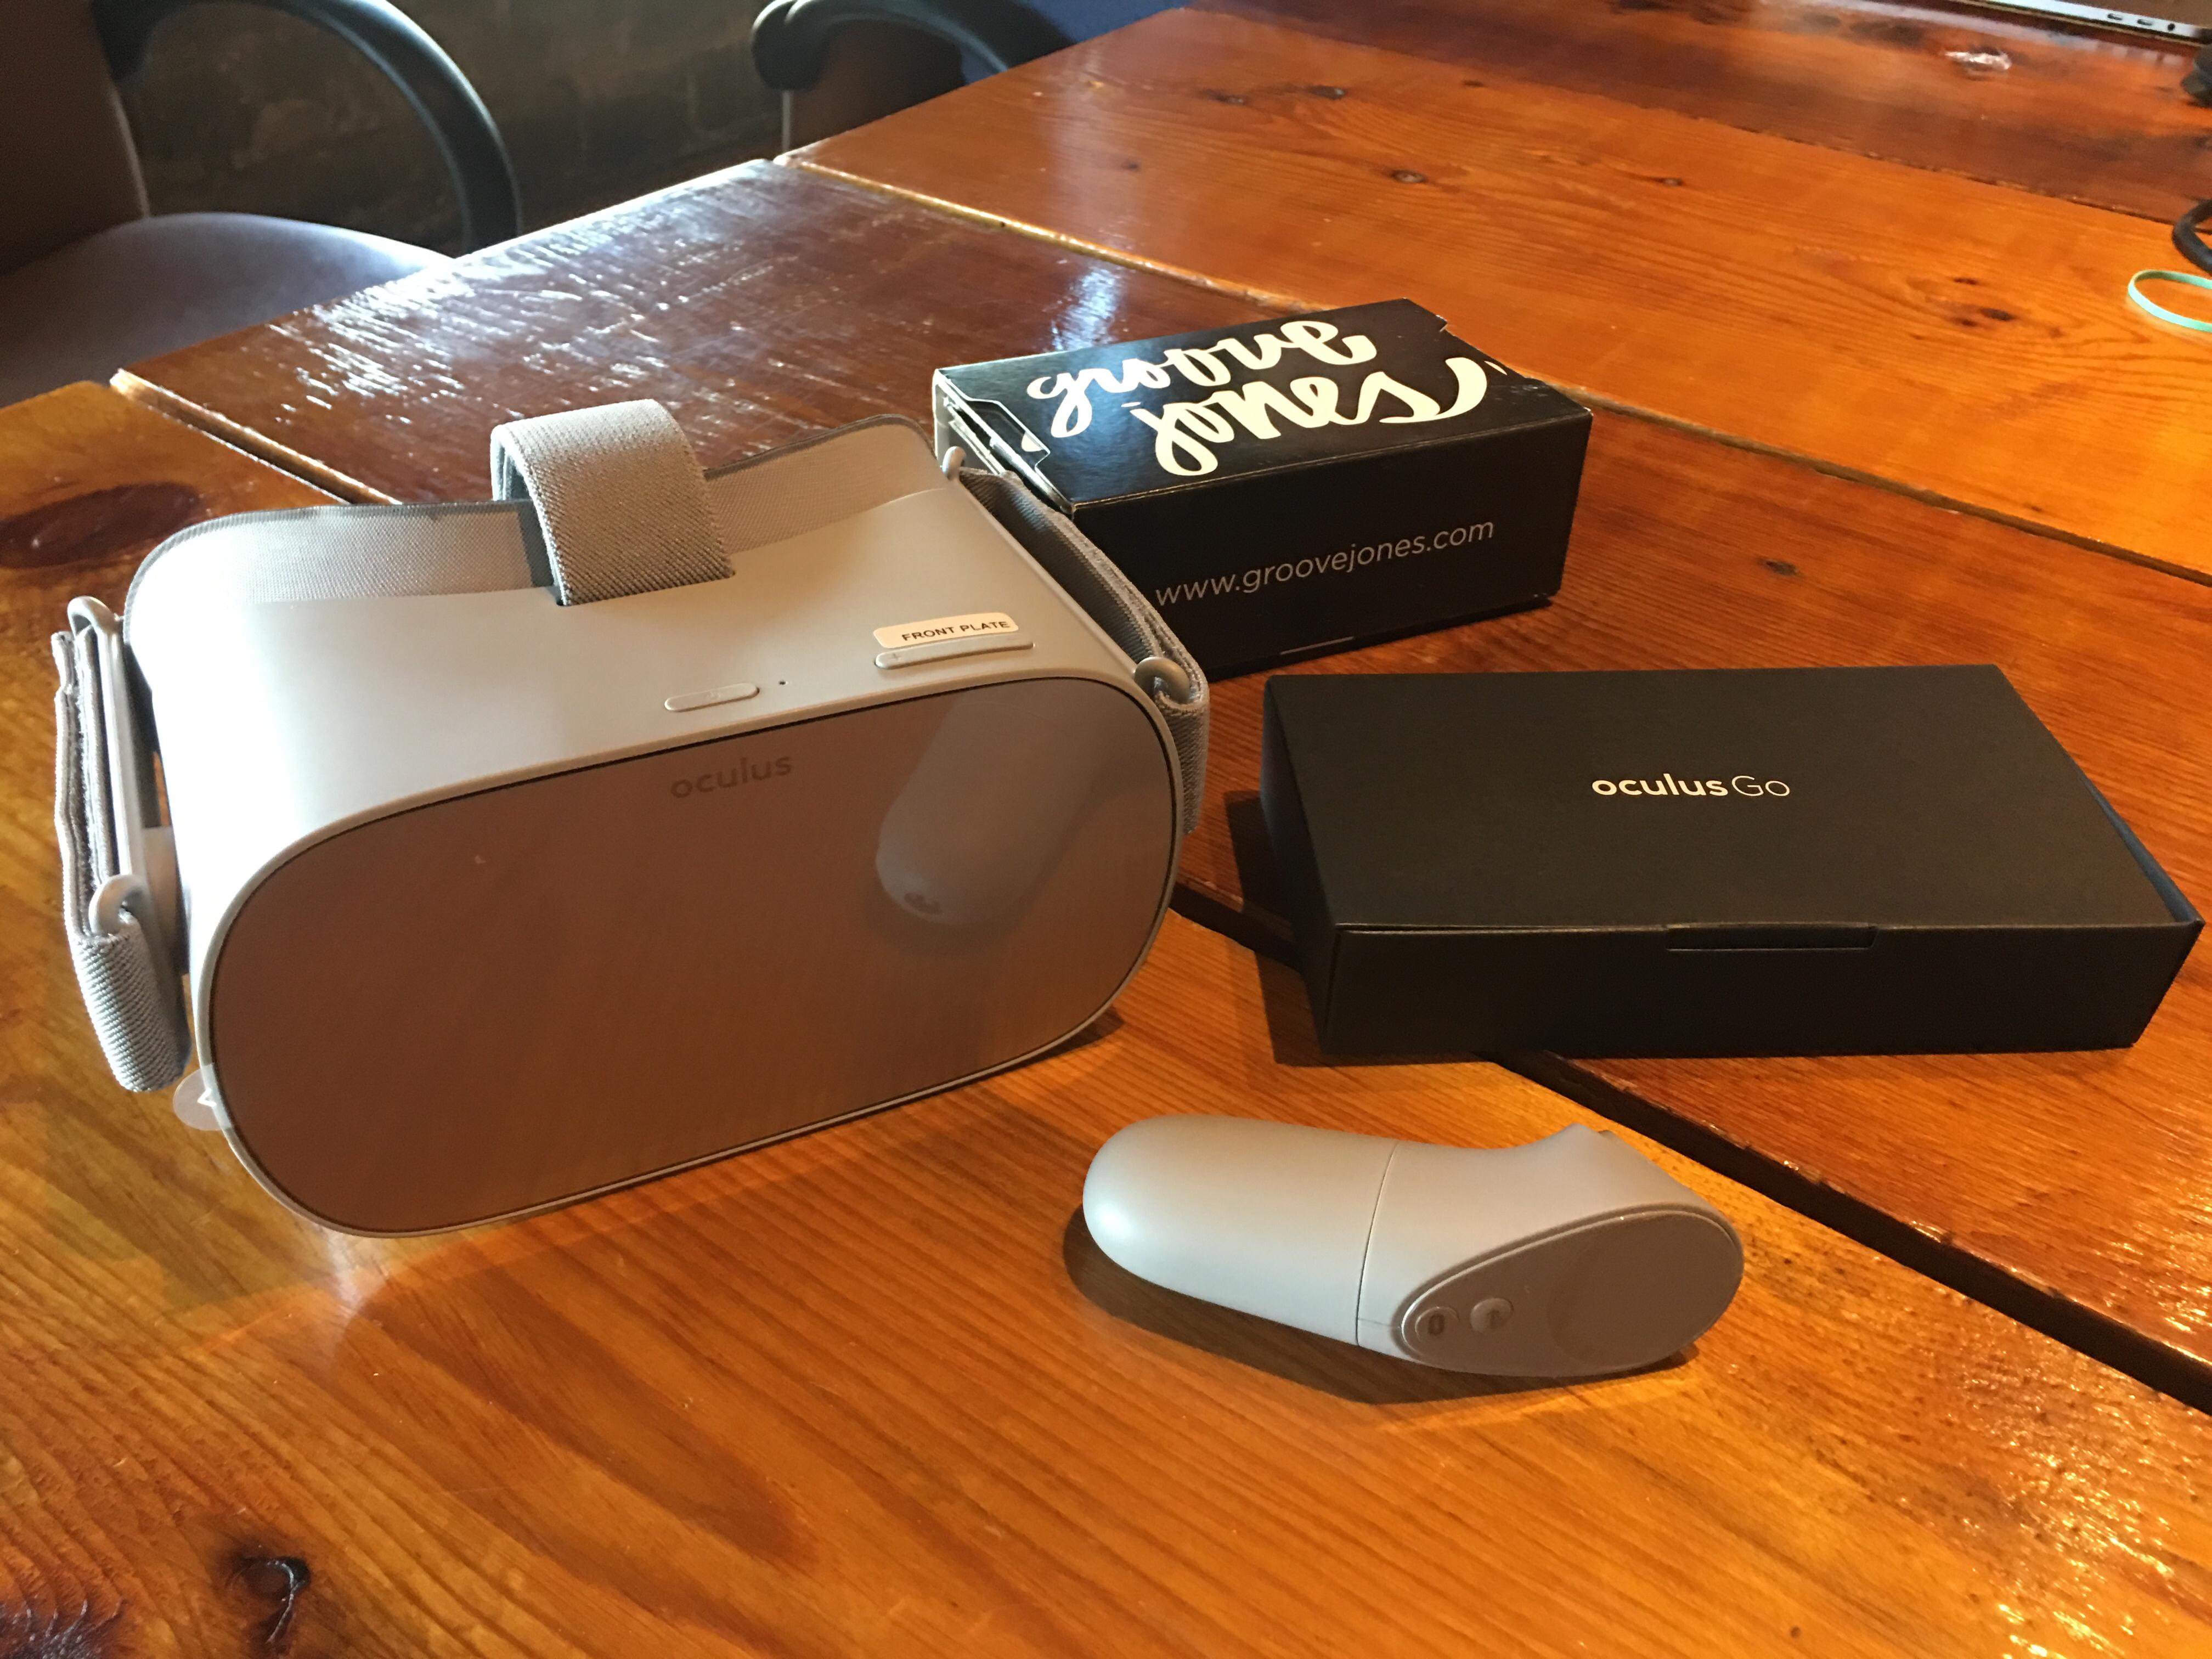 Groove Jones Oculus Go